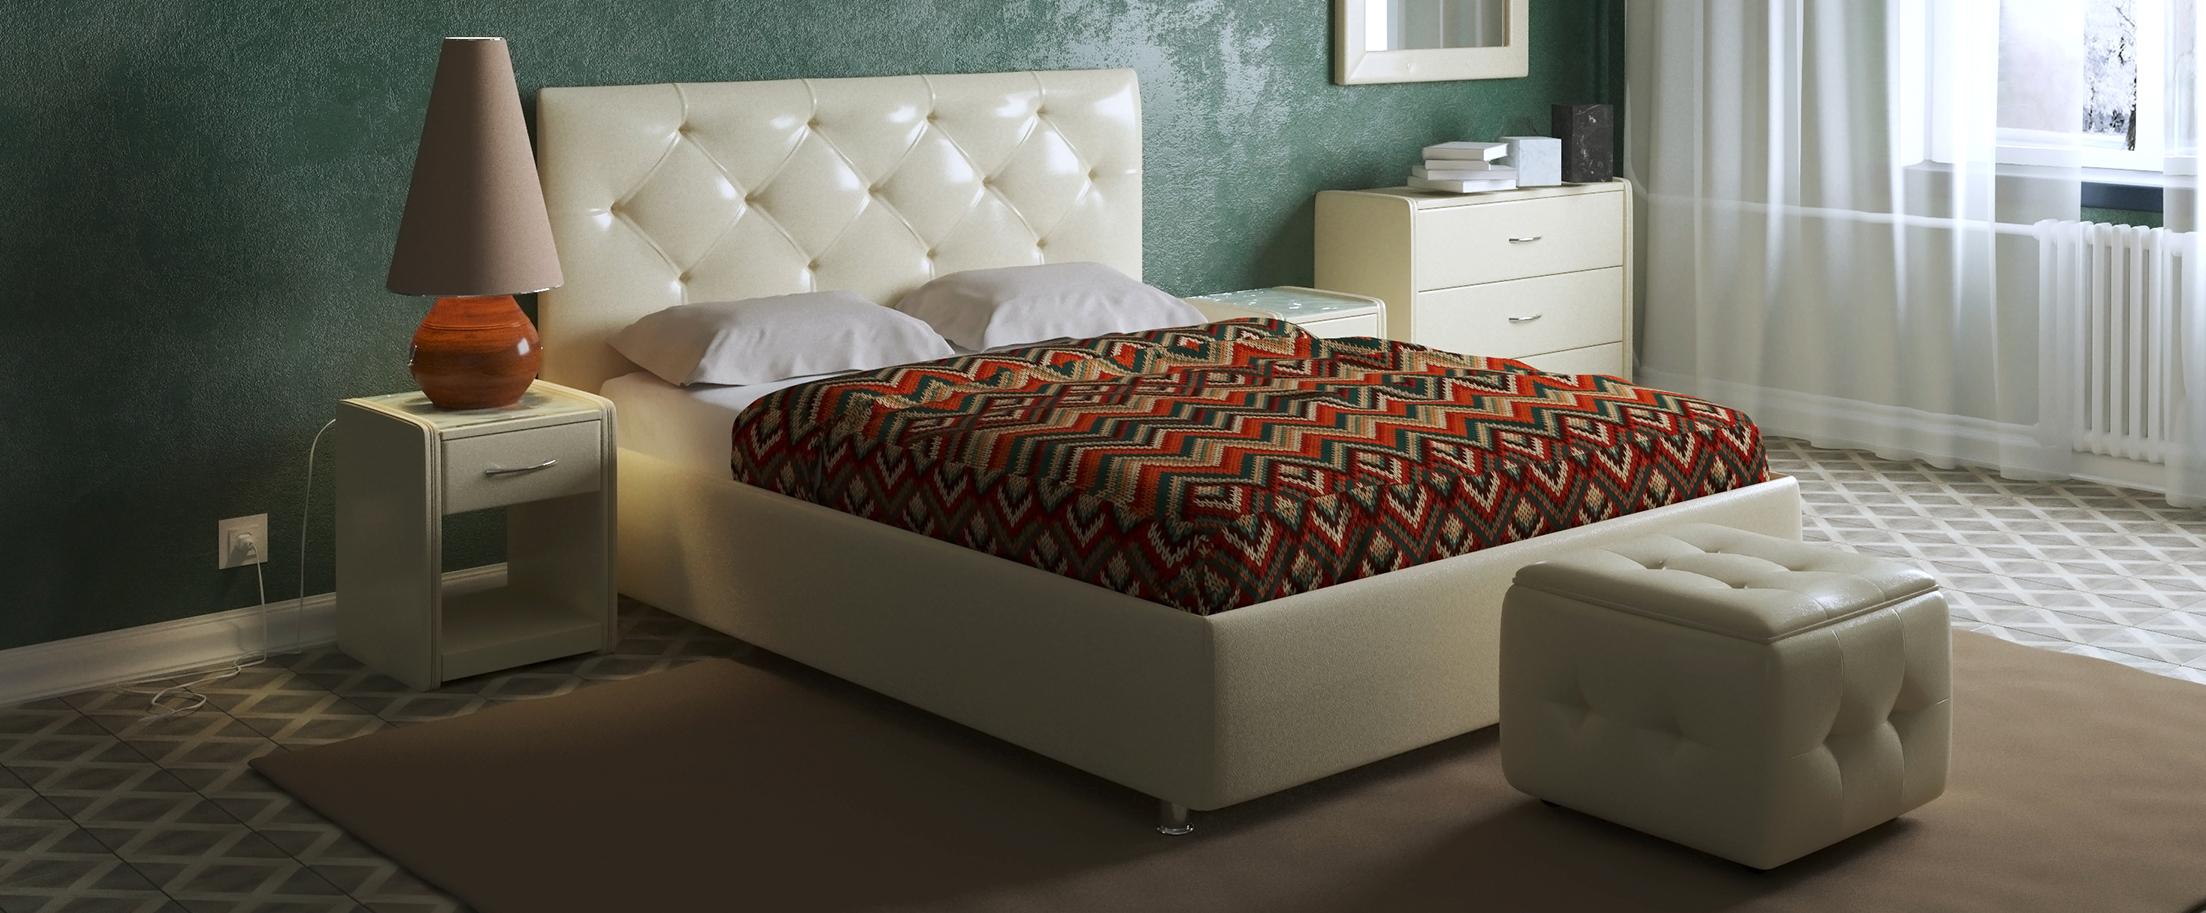 Кровать двуспальная Монблан Модель 383«Монблан» станет центром внимания в спальне. Утяжки средней глубины кропотливо собраны вручную и подчеркнуты пуговицами.<br><br>Ширина см: 195<br>Глубина см: 212<br>Высота см: 110<br>Ширина спального места см: 180<br>Длина спального места см: 200<br>Встроенное основание: Есть<br>Материал каркаса: ДСП<br>Материал обивки: Экокожа<br>Подъемный механизм: Нет<br>Цвет: Бежевый<br>Код ткани: Суфле<br>Бренд: Другие